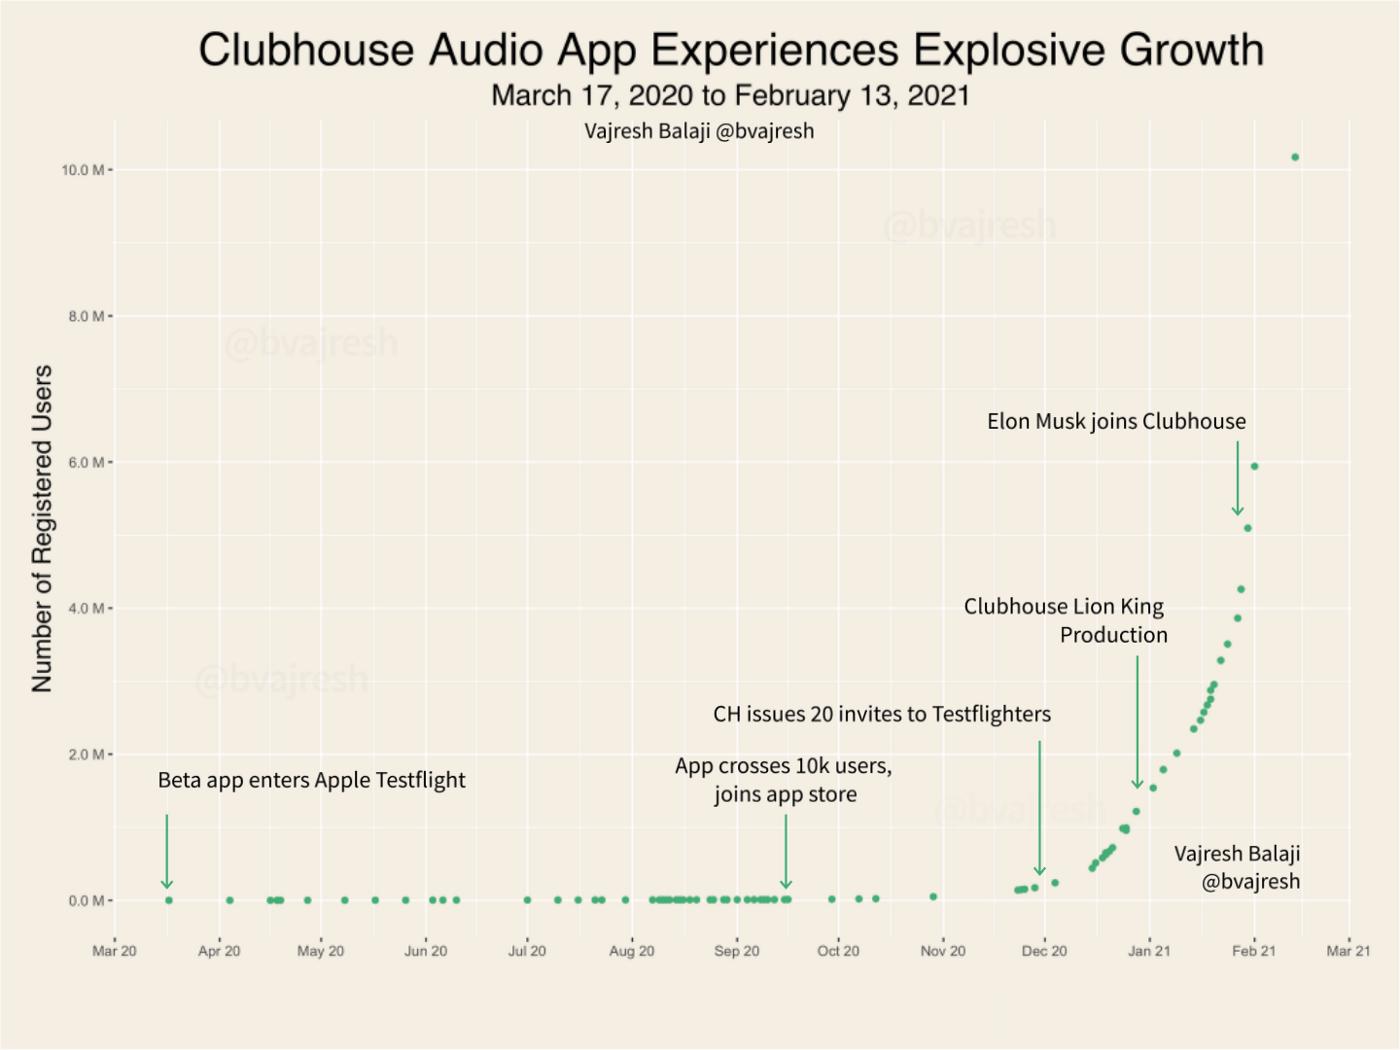 Dati esplosione di Clubhouse